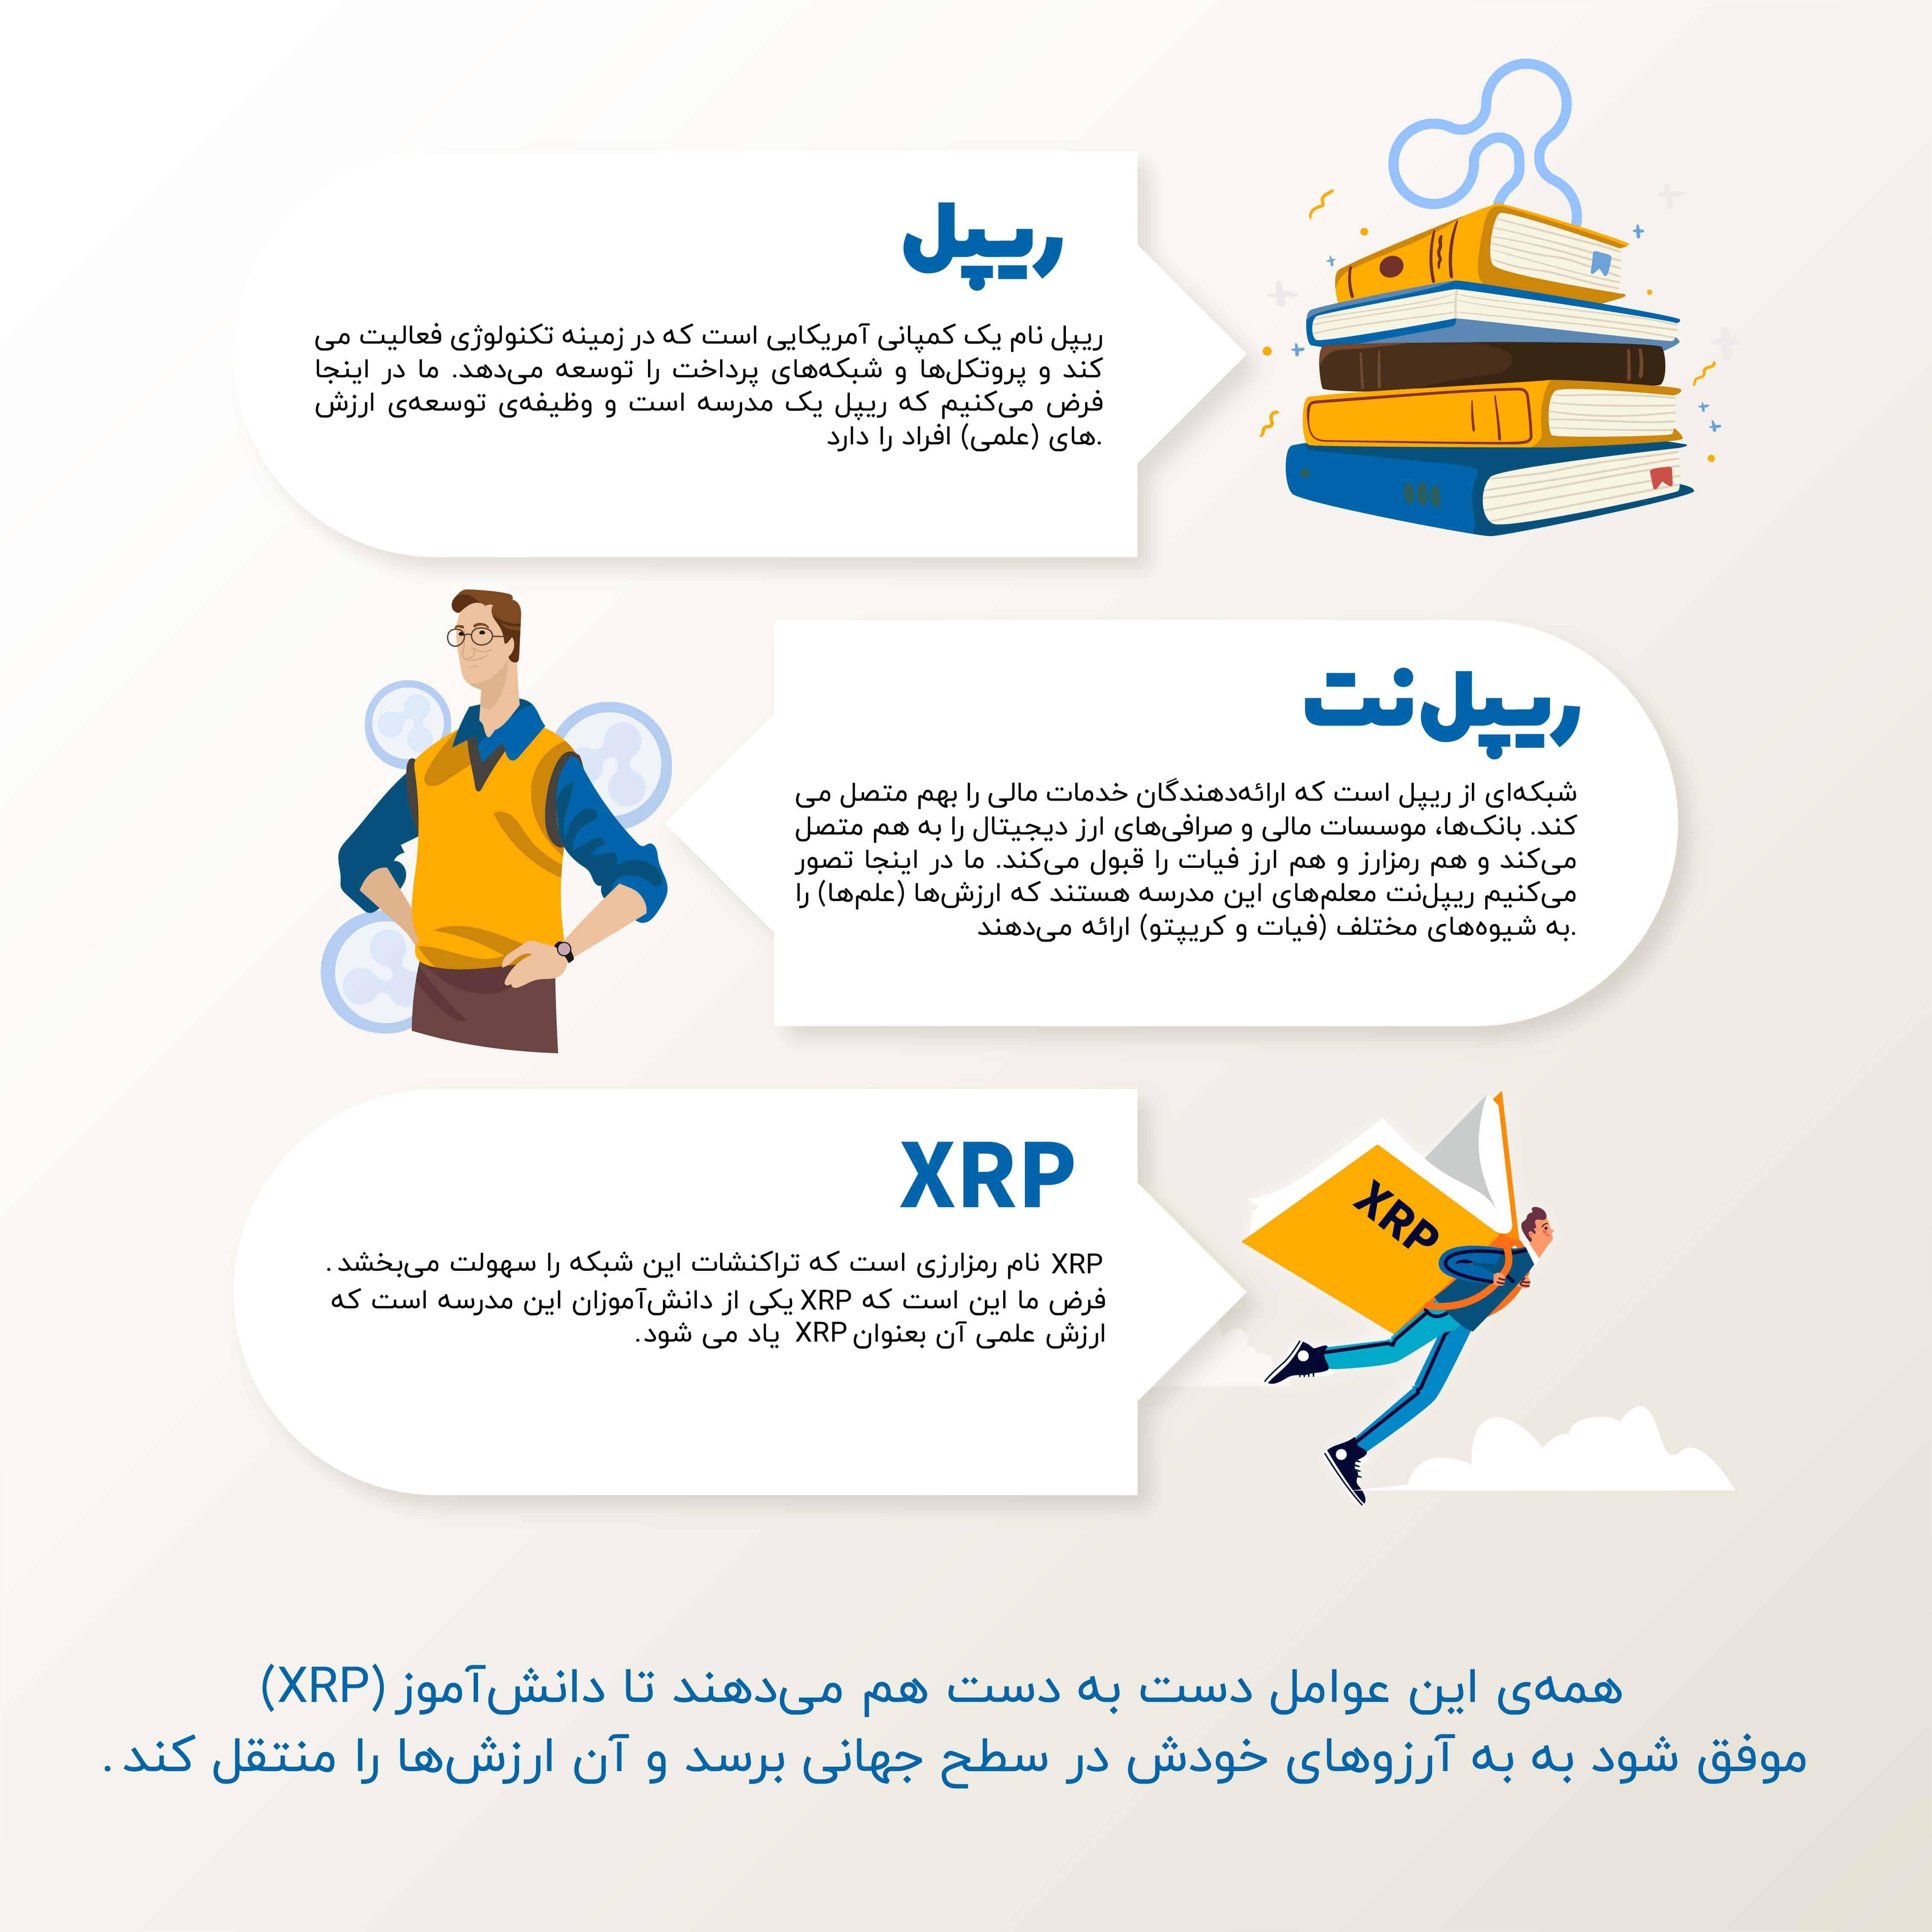 تفاوت ریپل با XRP